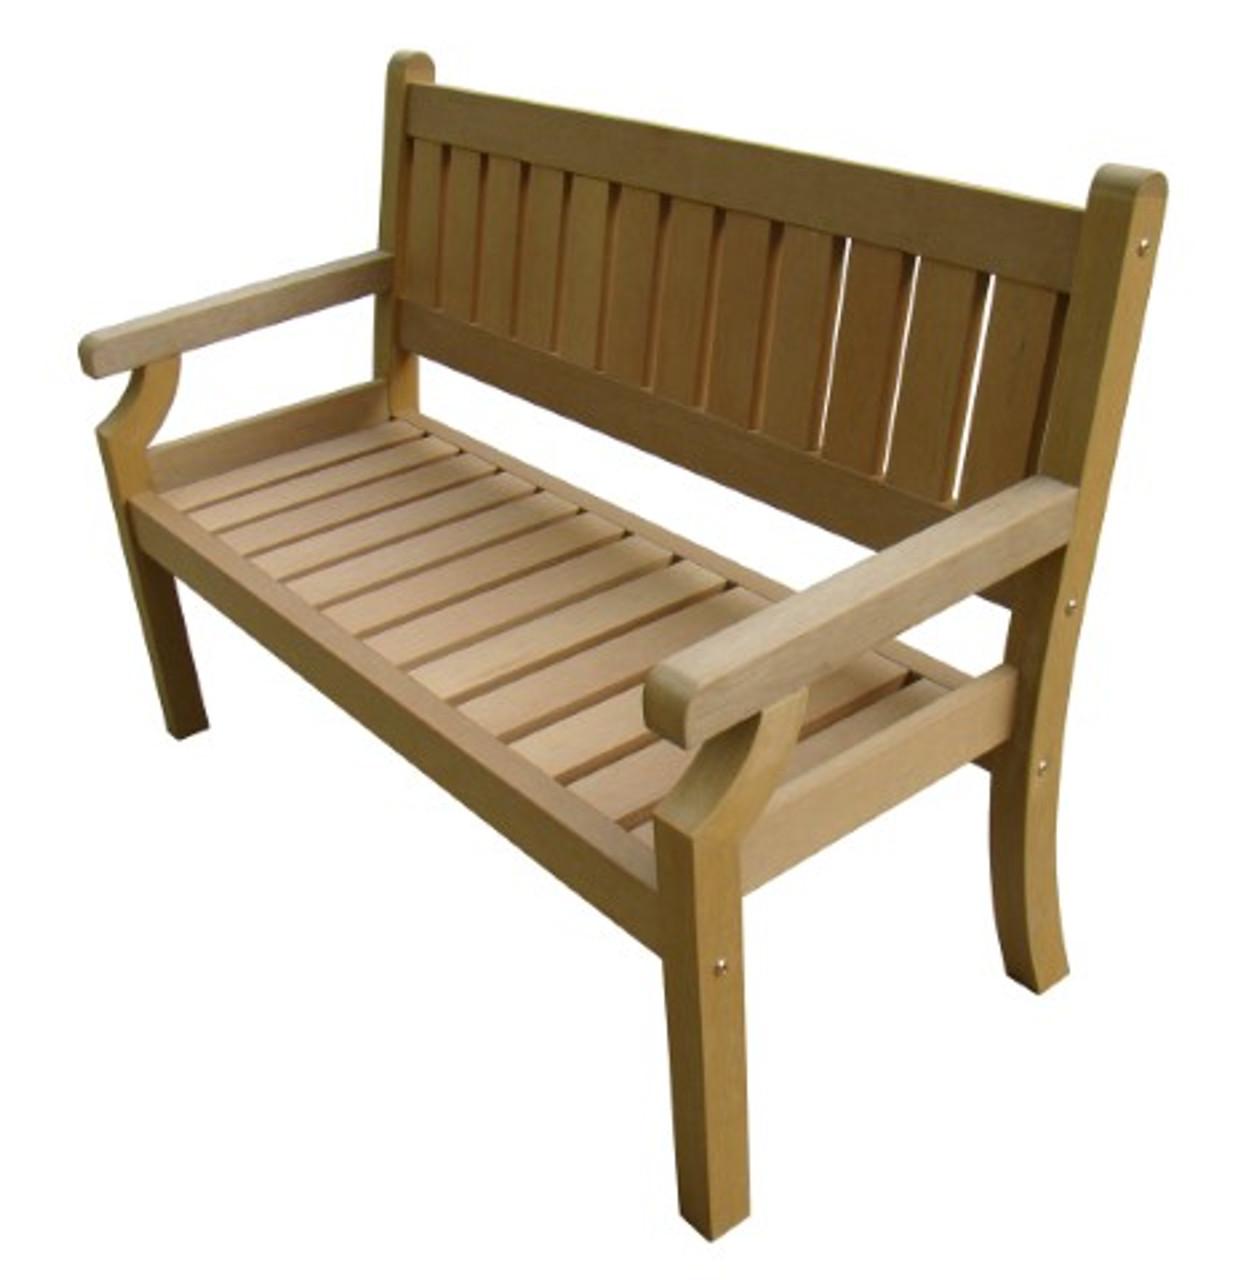 Brandan Polyteak 2 Seat Bench